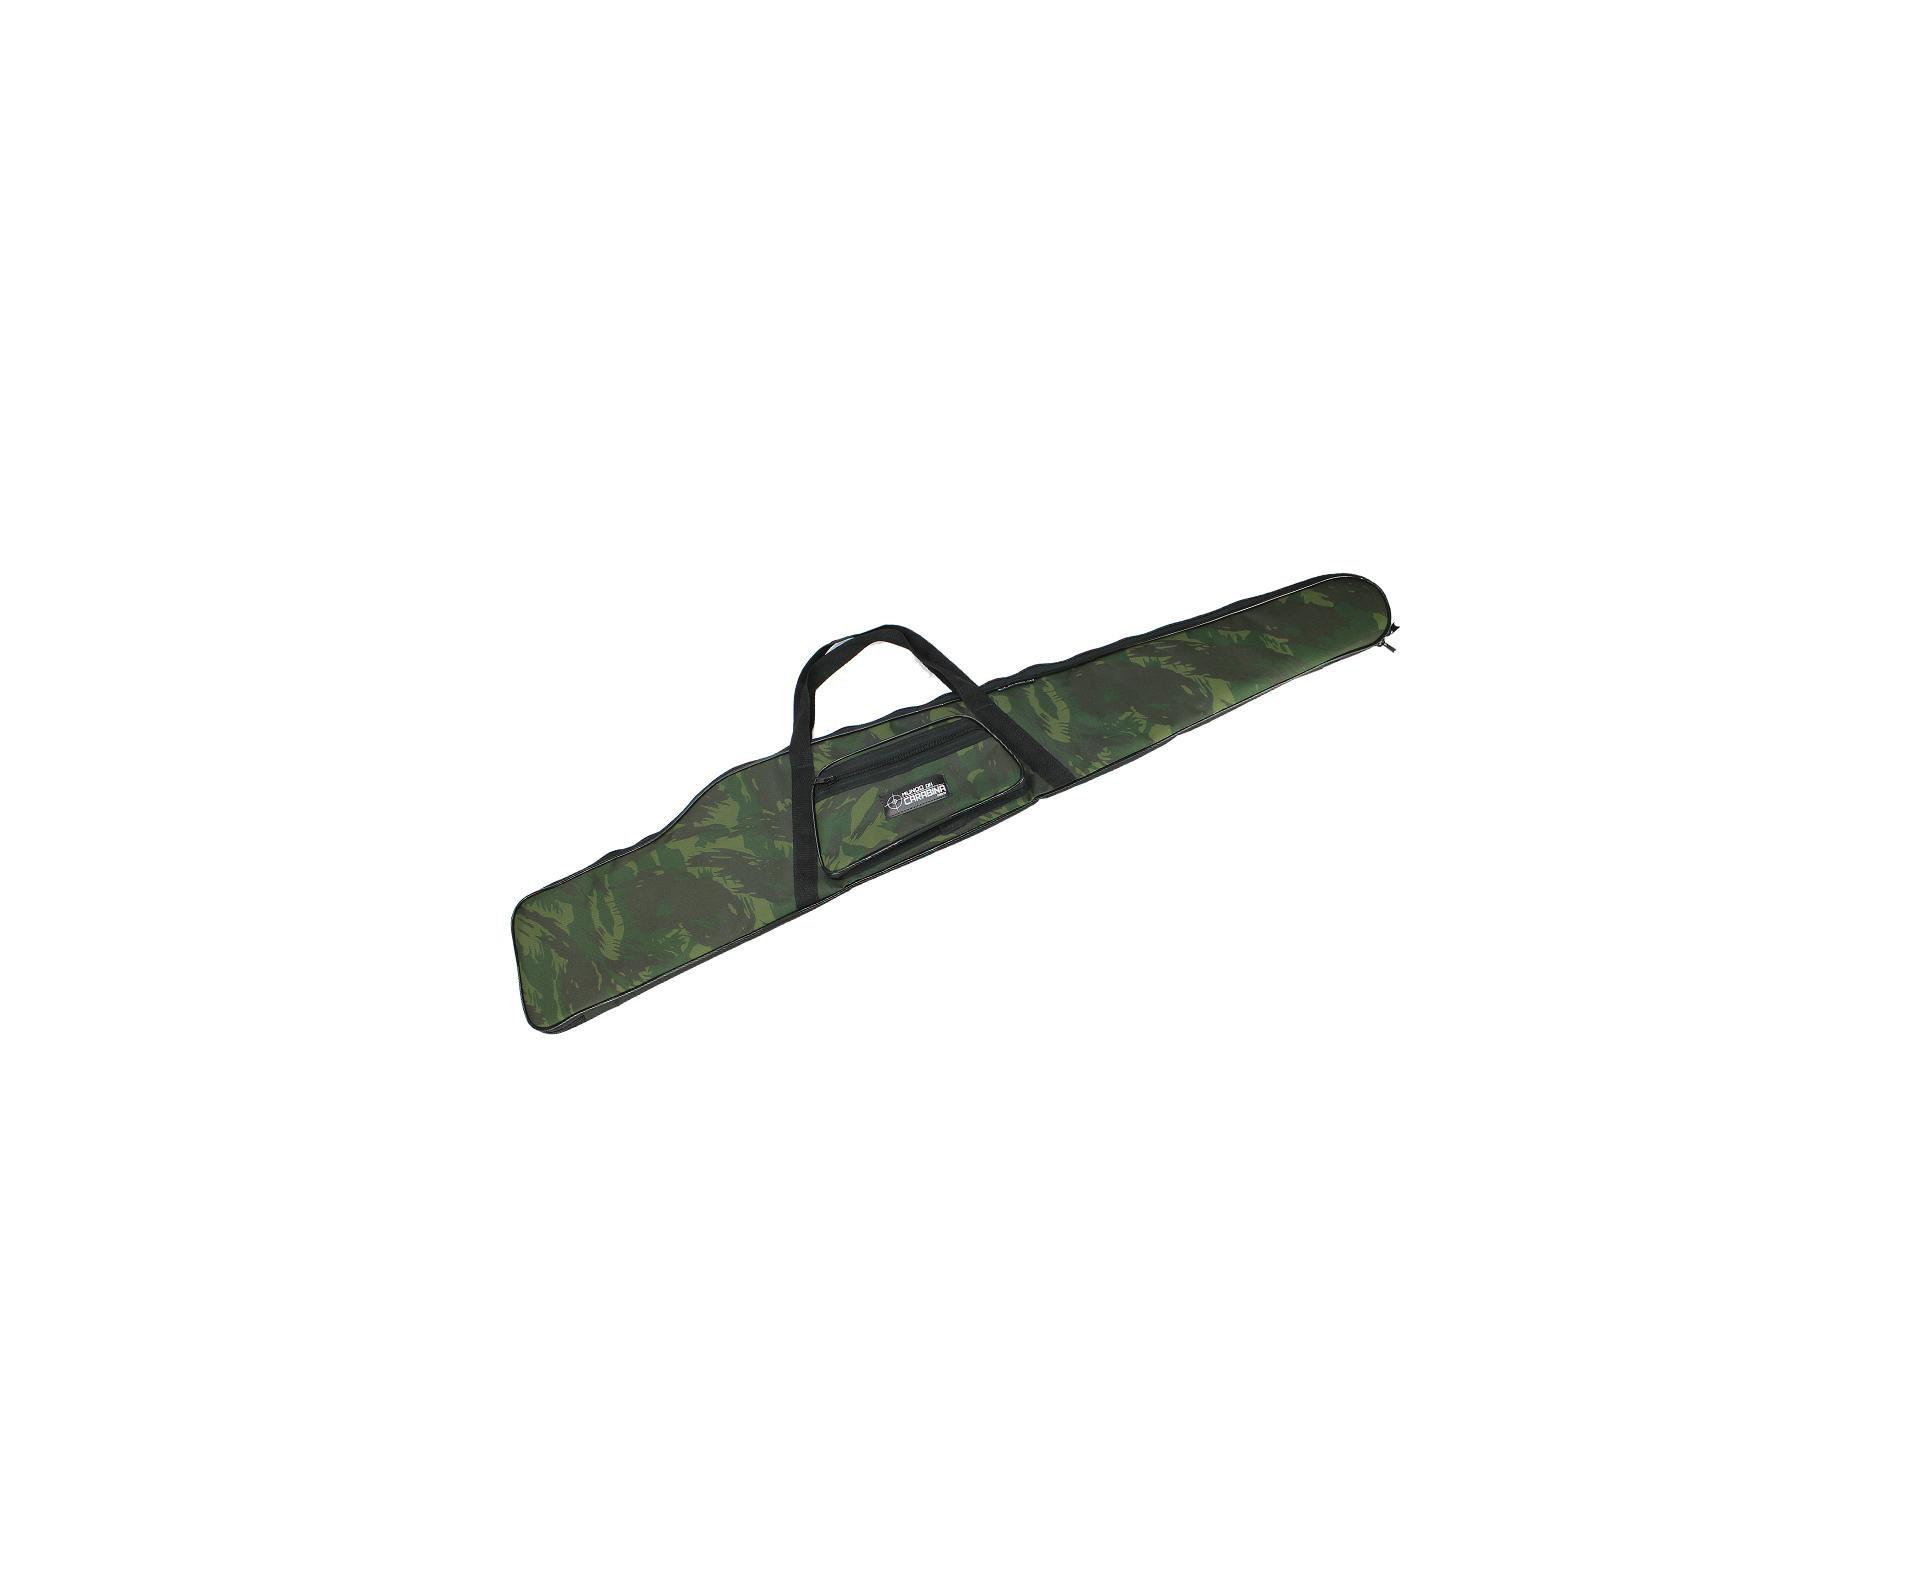 Capa Para Carabinas De Pressão Camuflado Espaço Luneta - 120cm